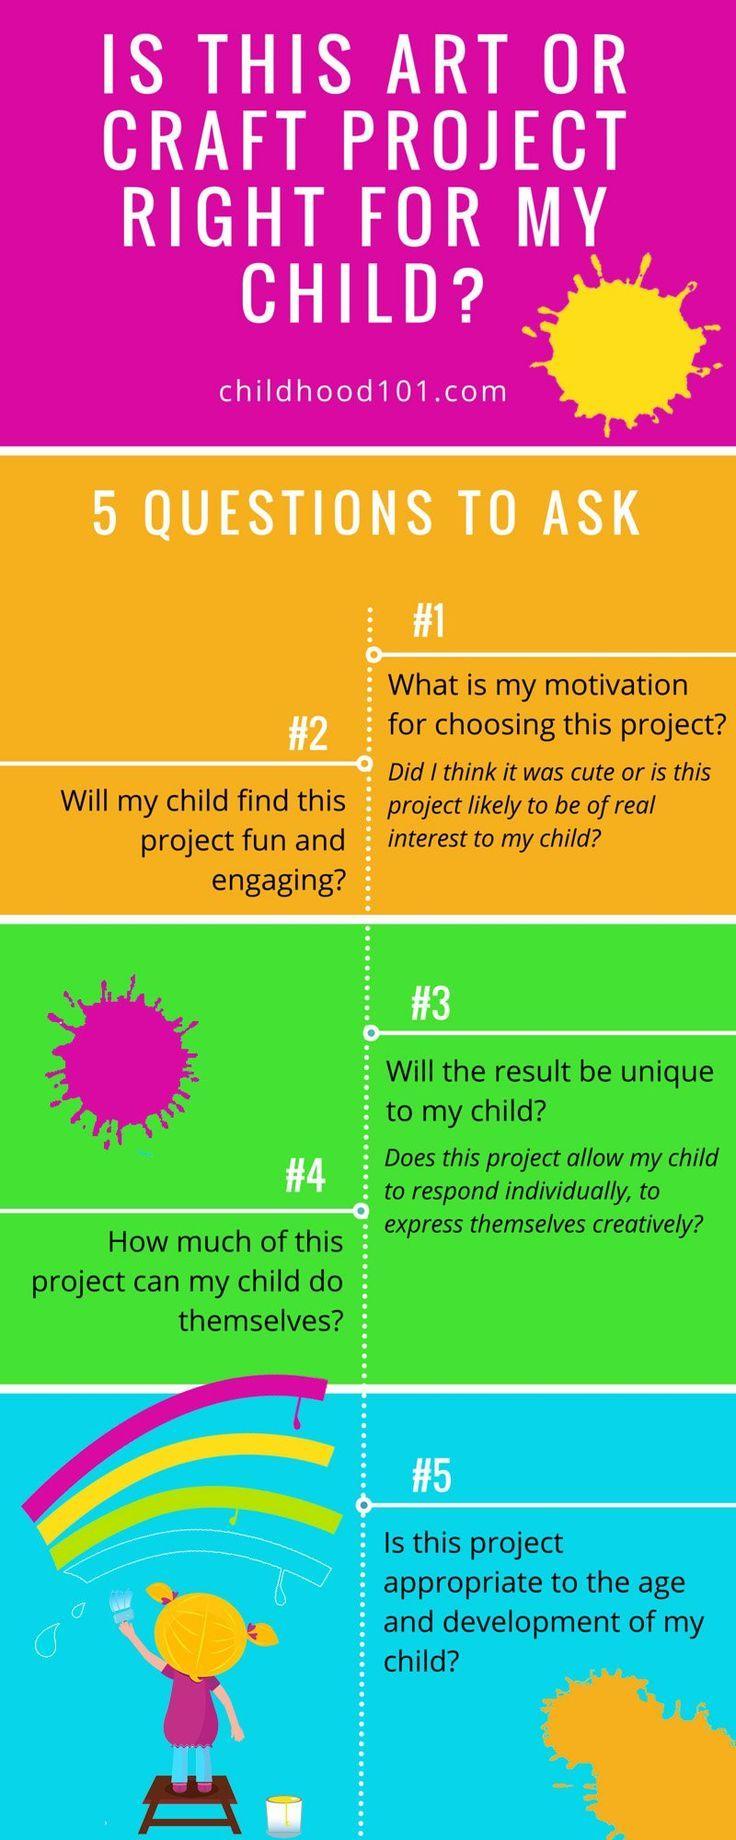 79 best Preschool Classroom images on Pinterest | Preschool ...